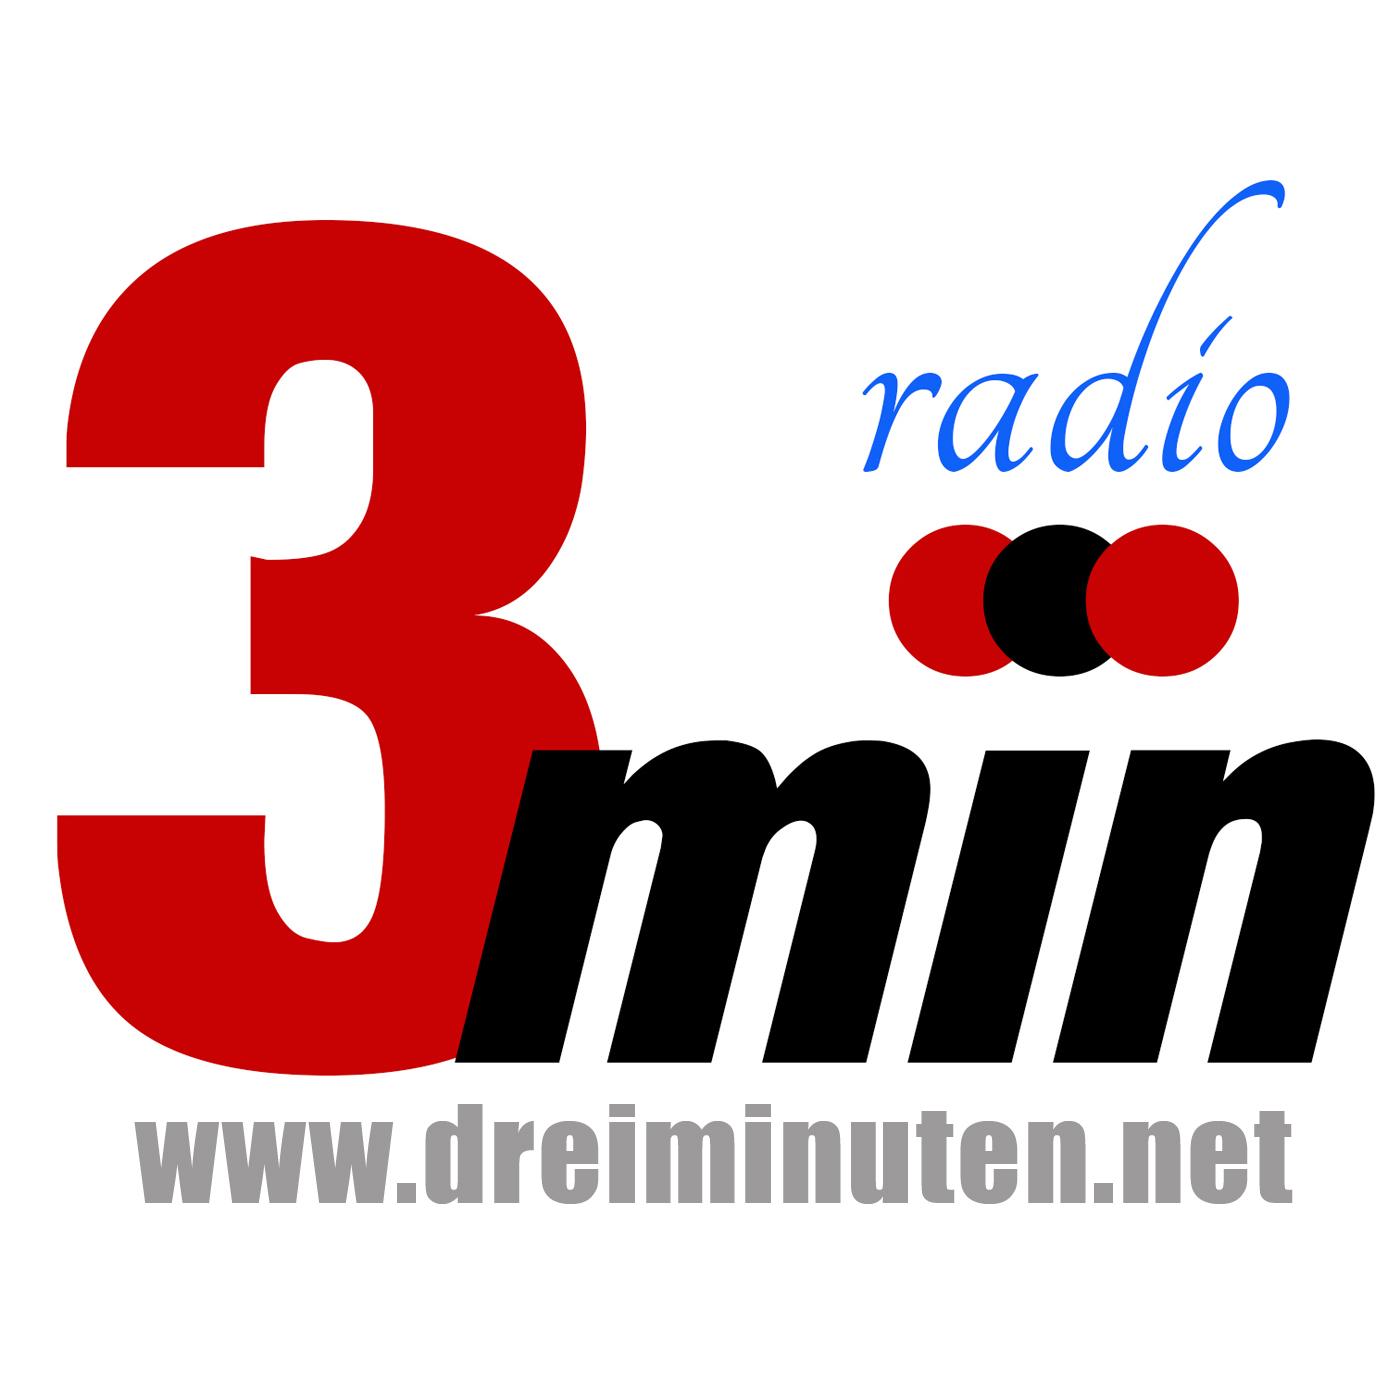 3min radio - 3 minuten radio